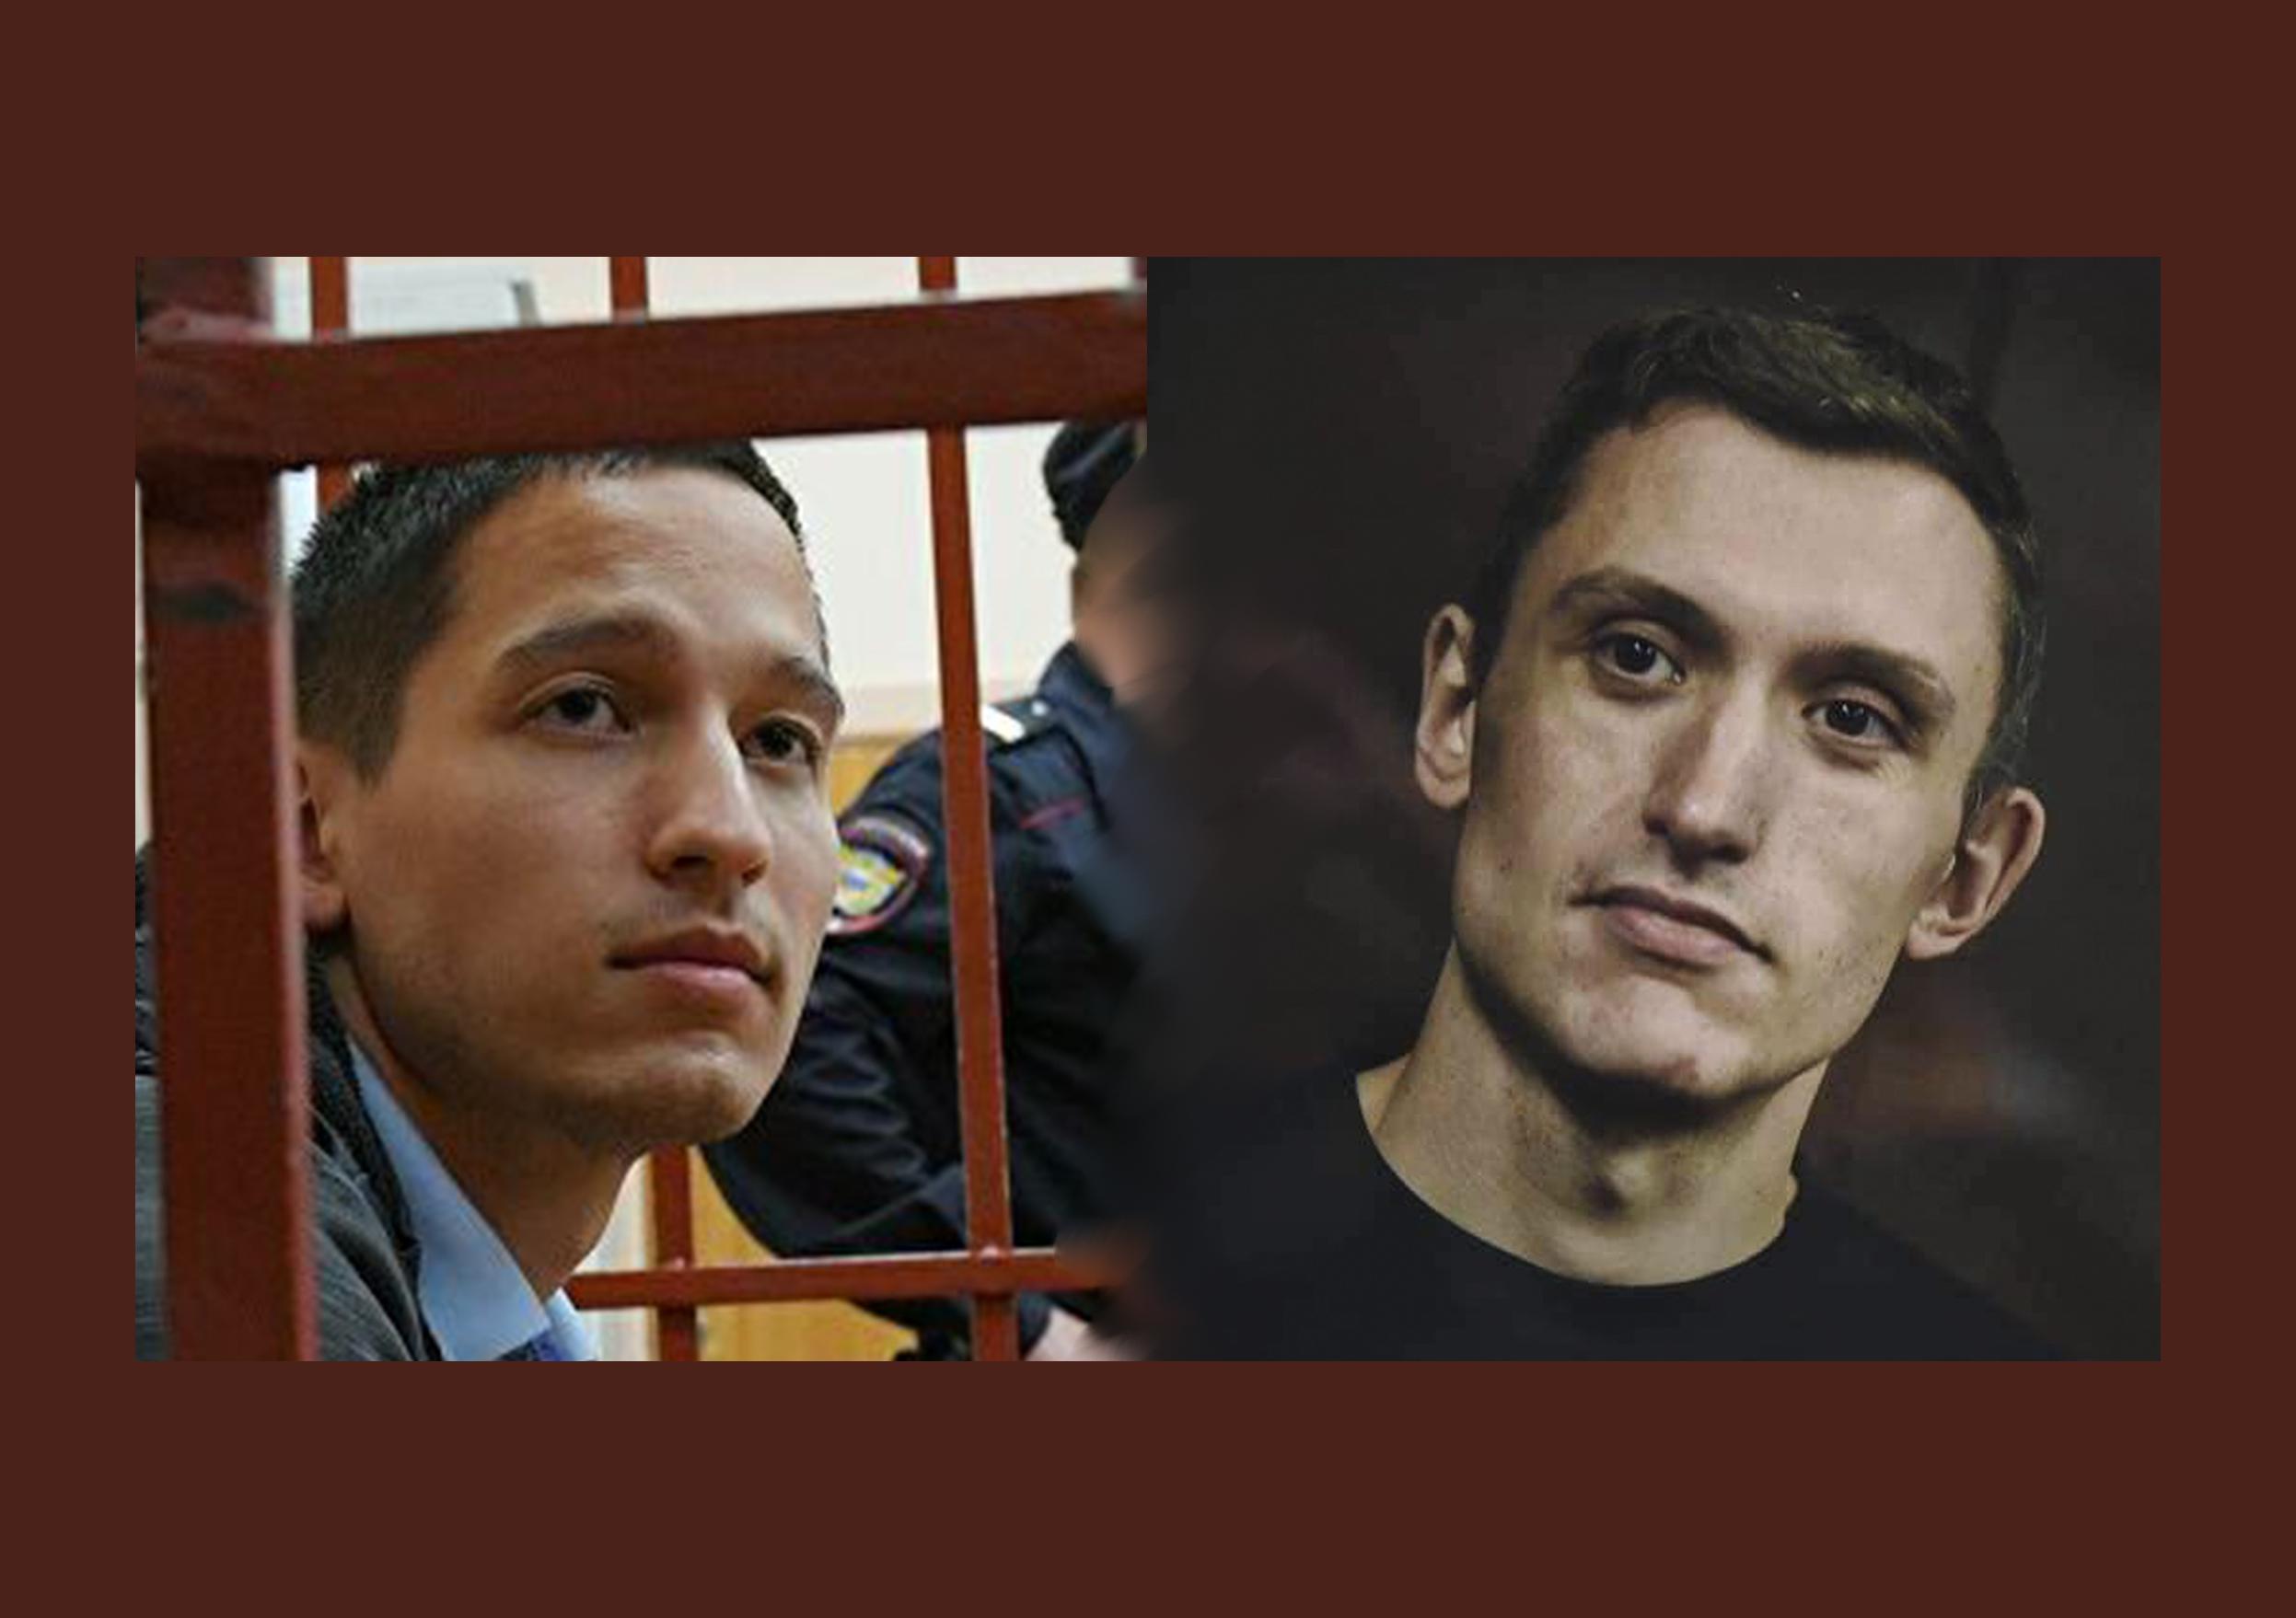 Gubaidulin und Kotov haben den Tag des Programmierers hinter Gittern verbracht